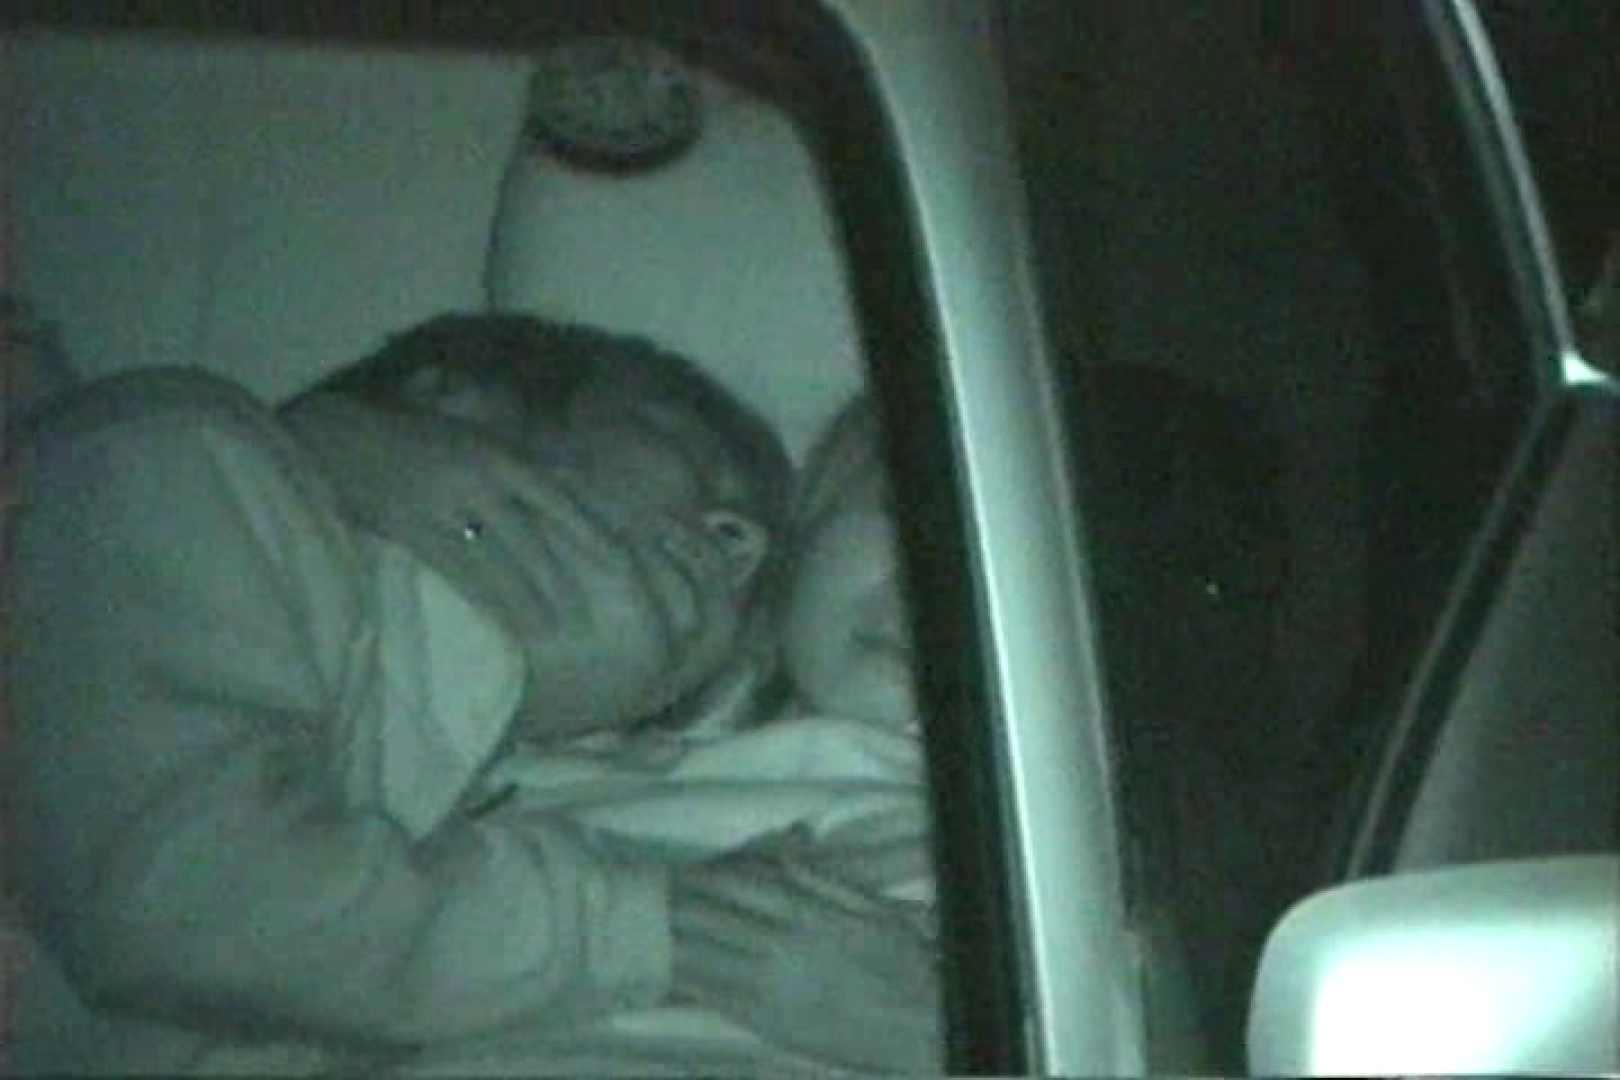 車の中はラブホテル 無修正版  Vol.27 OLヌード天国 のぞき動画画像 105PIX 10